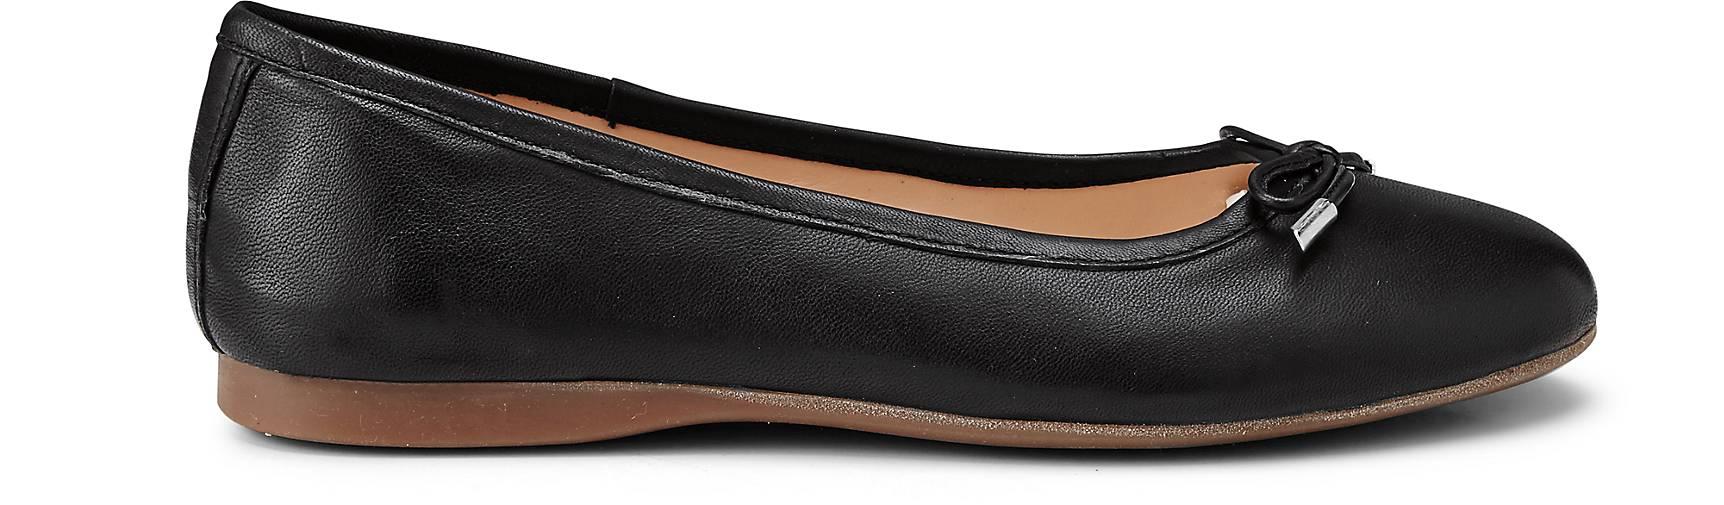 Cox Ballerina in schwarz kaufen - 45446904 GÖRTZ Gute Gute Gute Qualität beliebte Schuhe 40ff2f